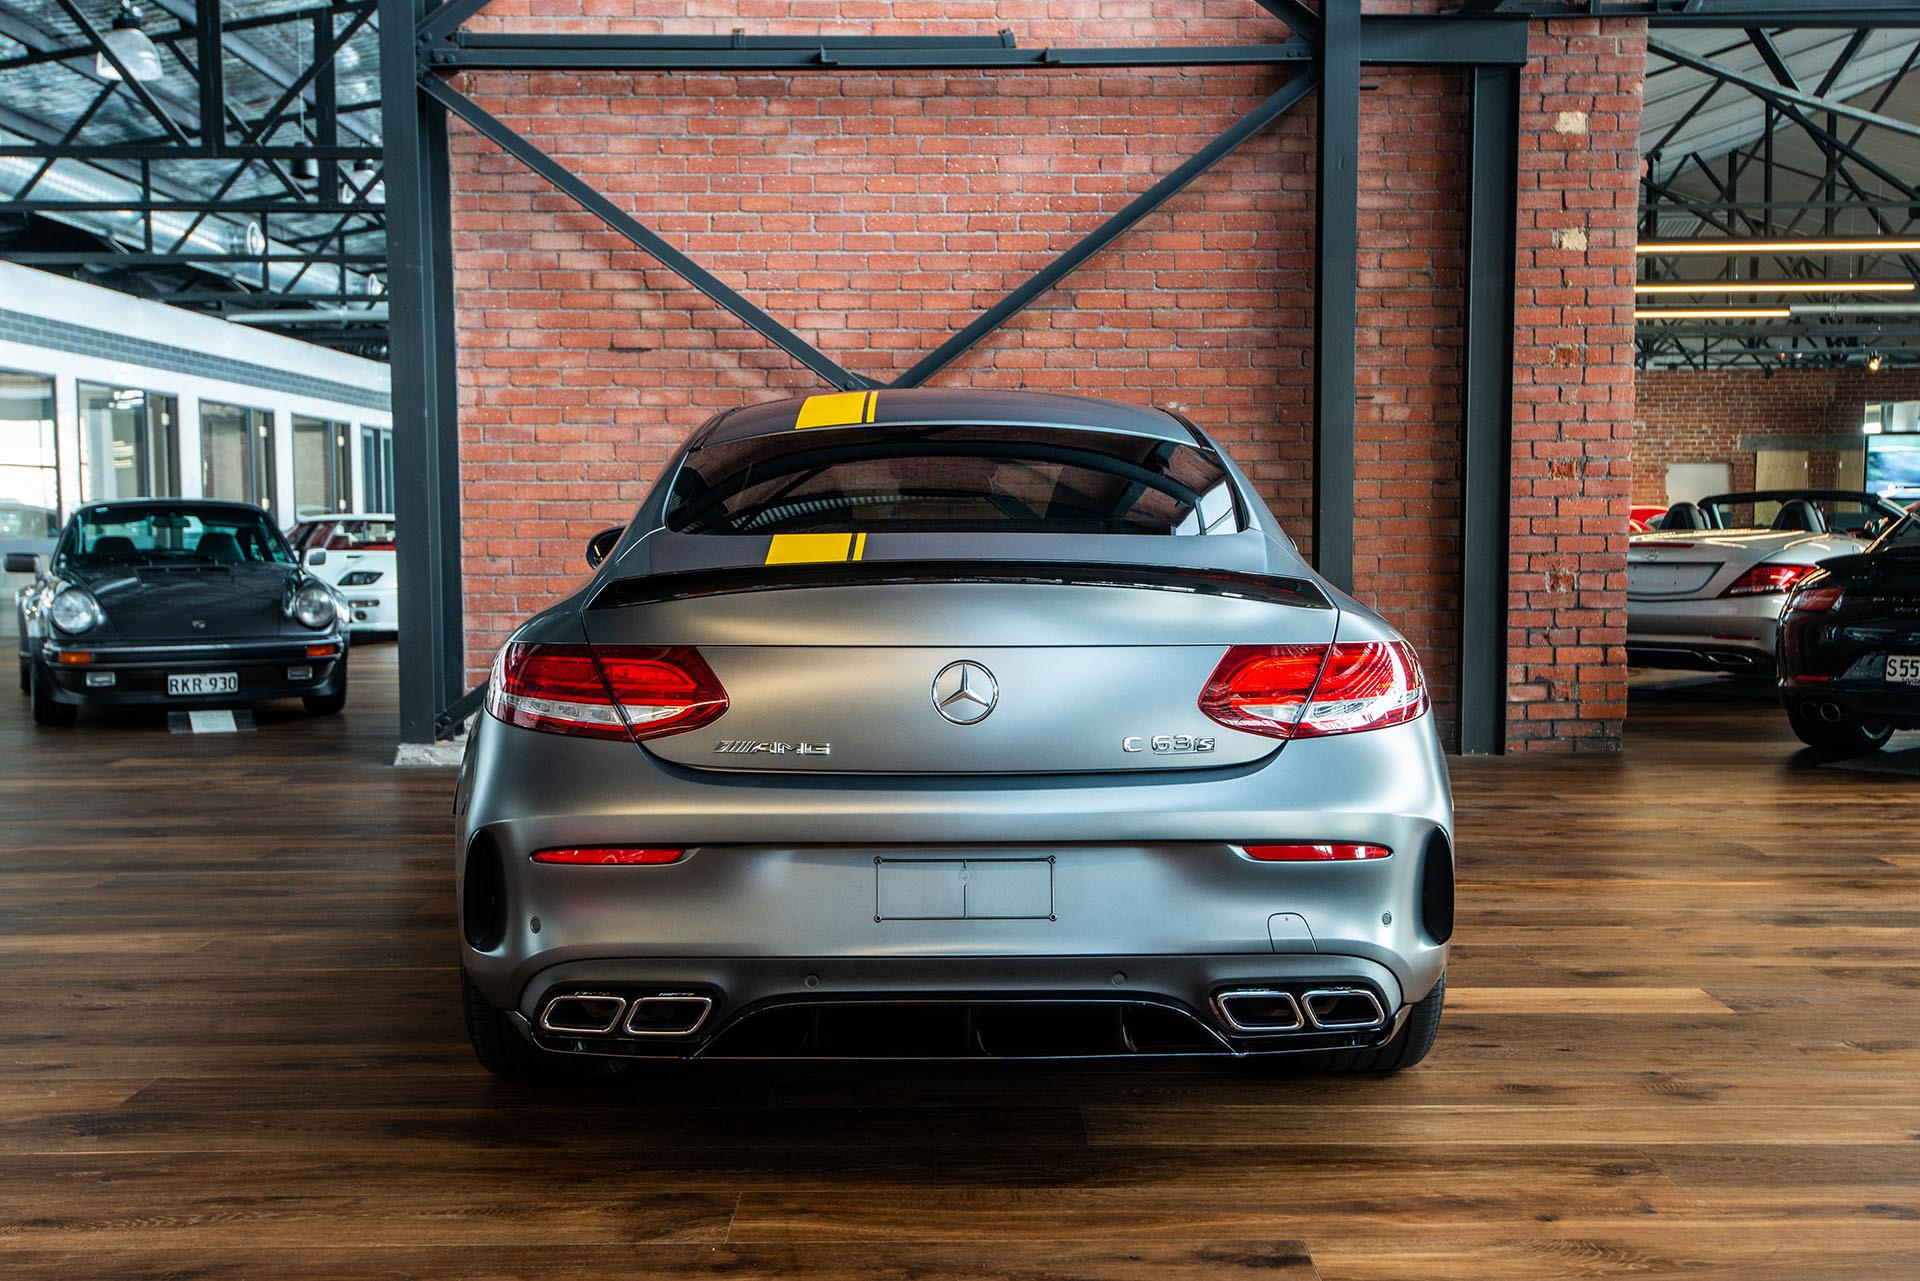 Mercedes amg c63s coupe edition 1 (23) - Richmonds ...